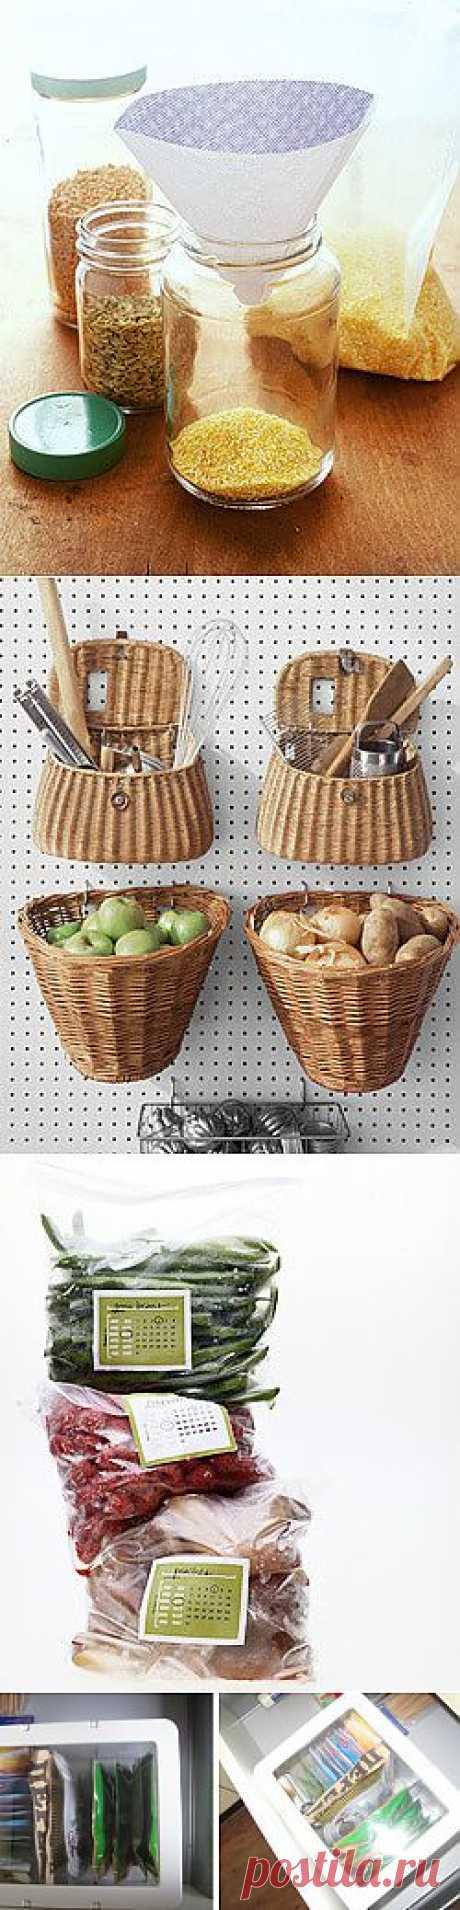 Хранение продуктов на кухне :: FRESH - Свежий взгляд на стиль - онлайн журнал